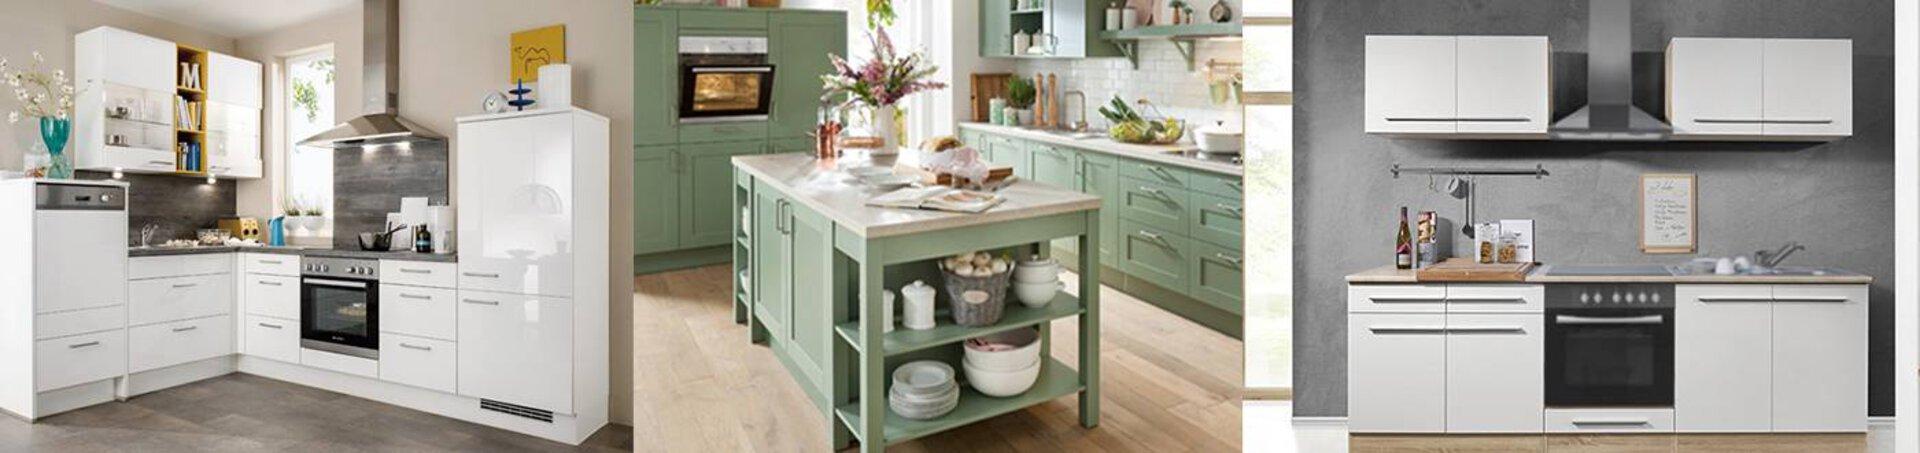 Themenbild zu Pflege der Küche